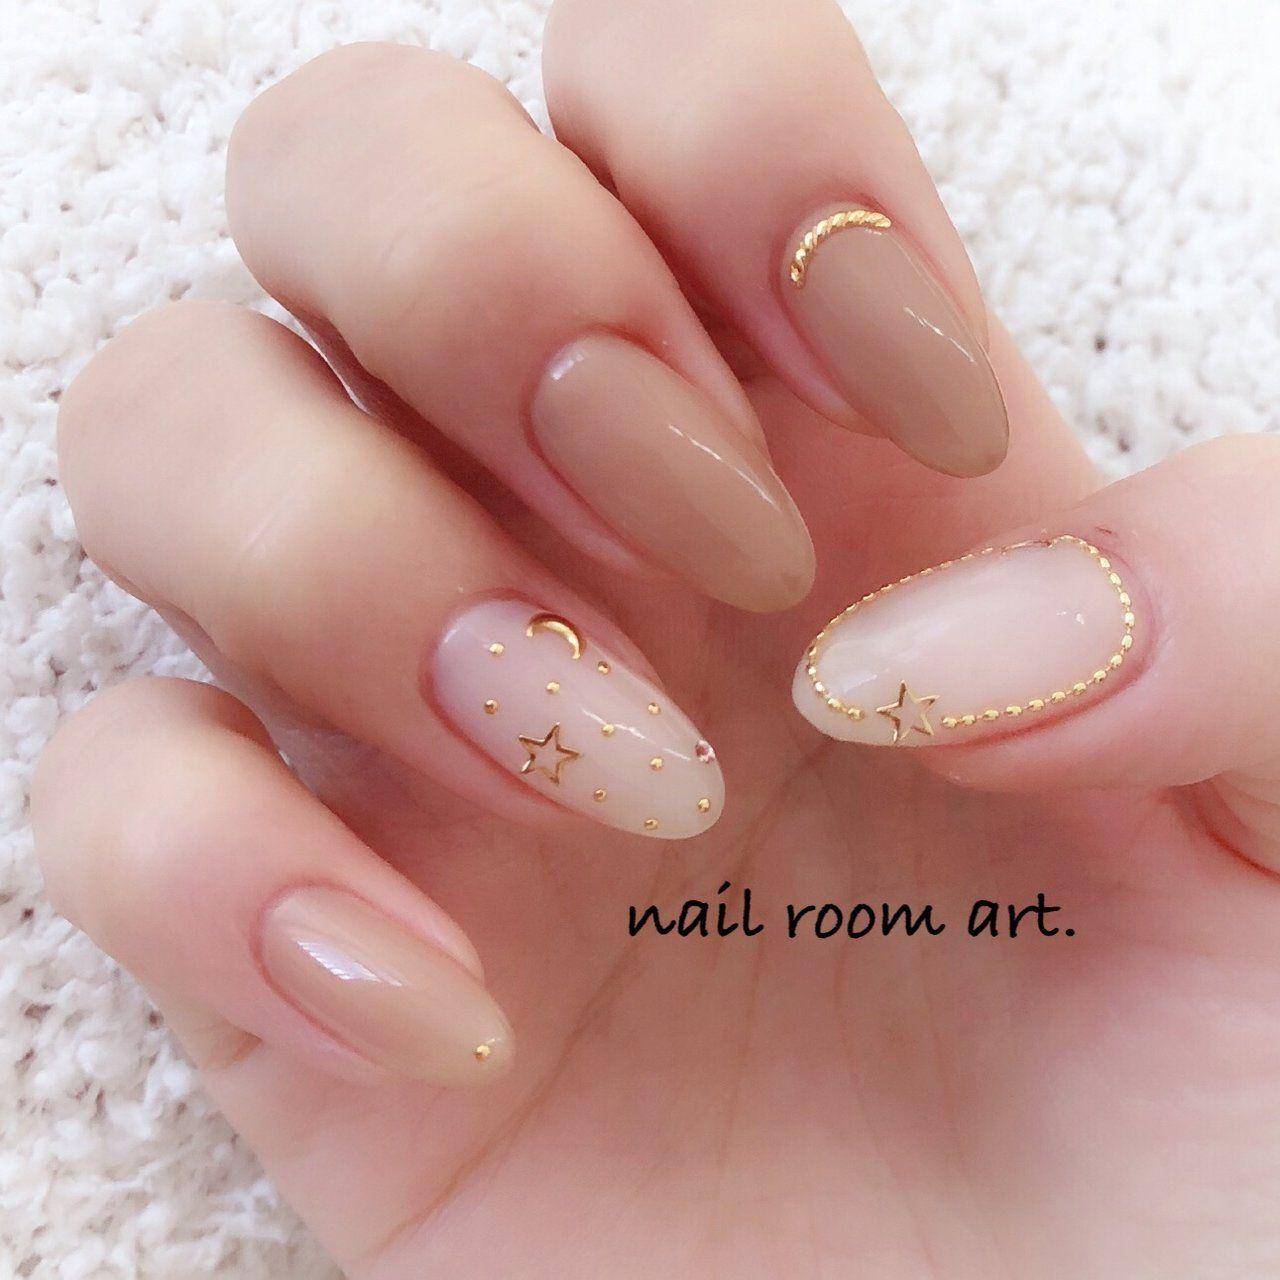 秋/冬/オフィス/パーティー/シンプル , nail room art.のネイル